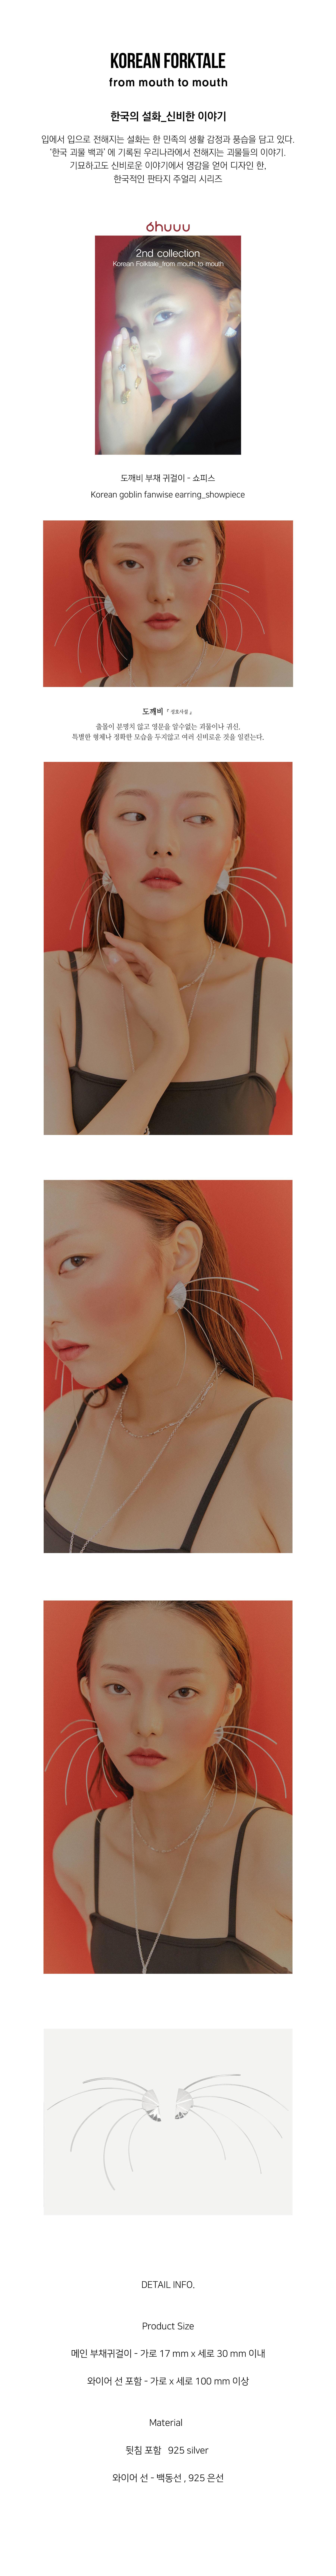 도깨비 부채 귀걸이 - 쇼피스 _ Korean goblin fanwise earring_showpiece - 스튜디오 오후, 190,000원, 실버, 볼귀걸이